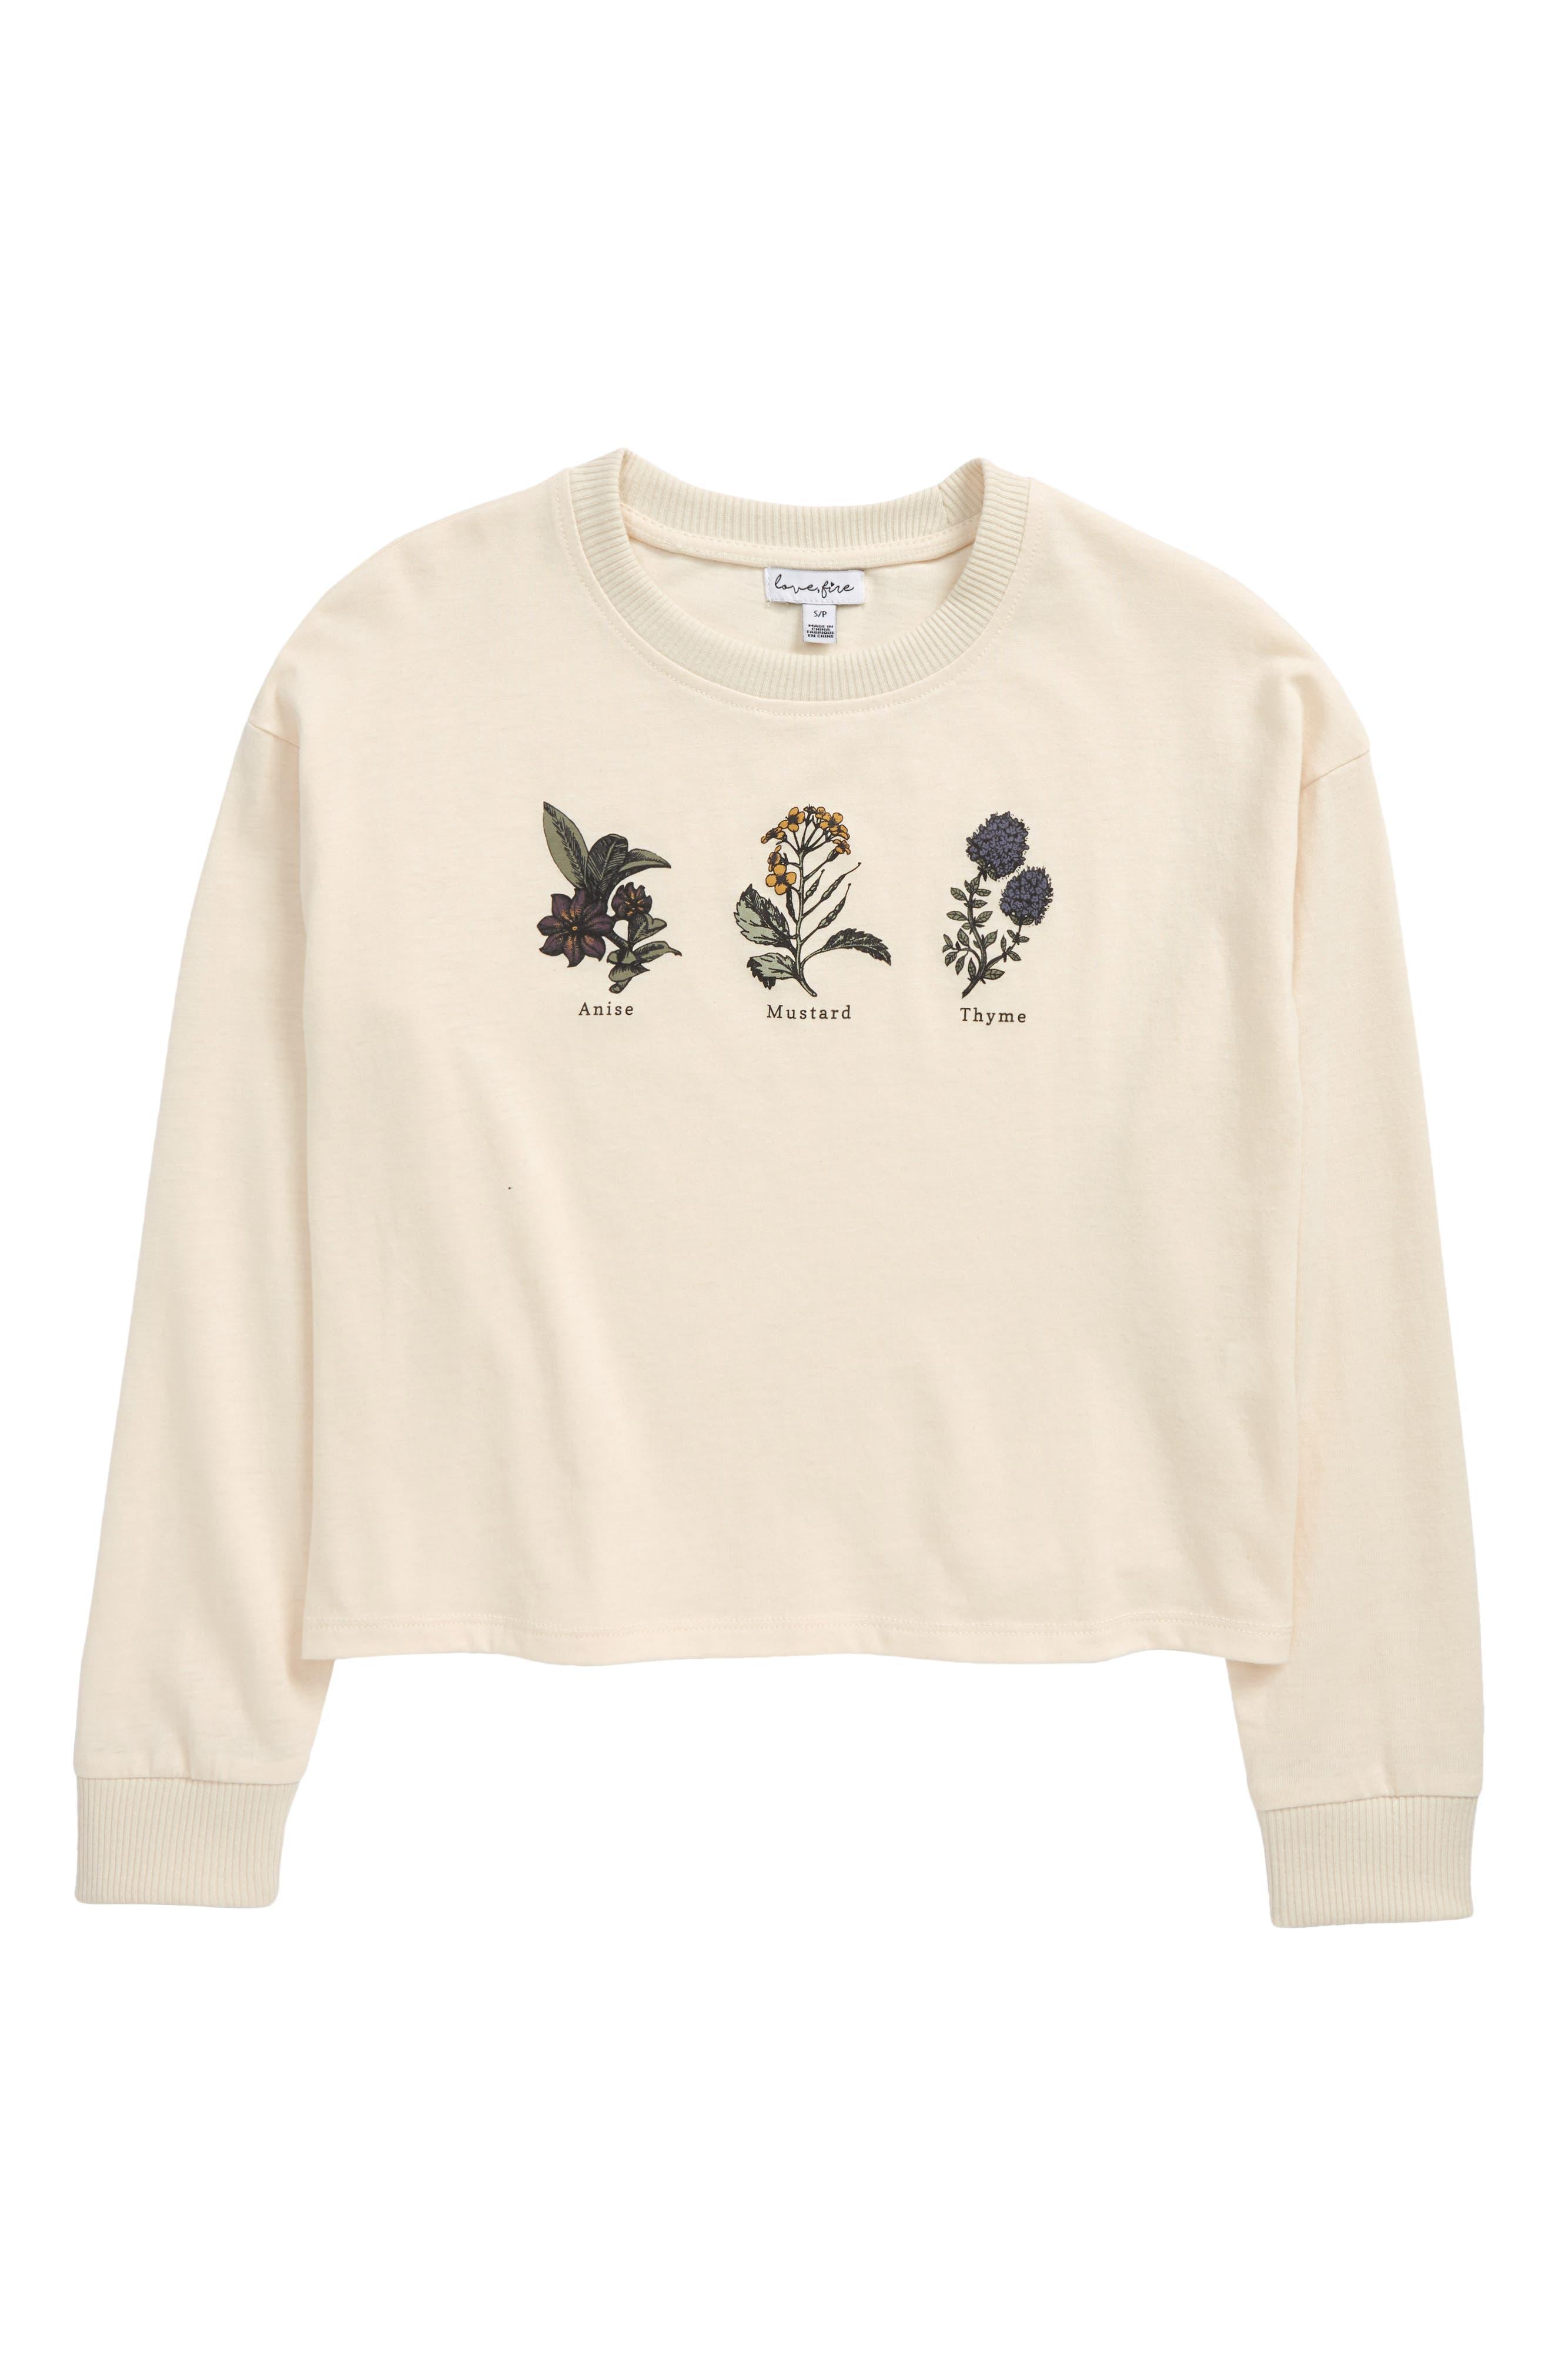 Dog Face Girls Kids Cute Tee Baseball Ruffle Dress Short Sleeve Cotton T Shirt Top